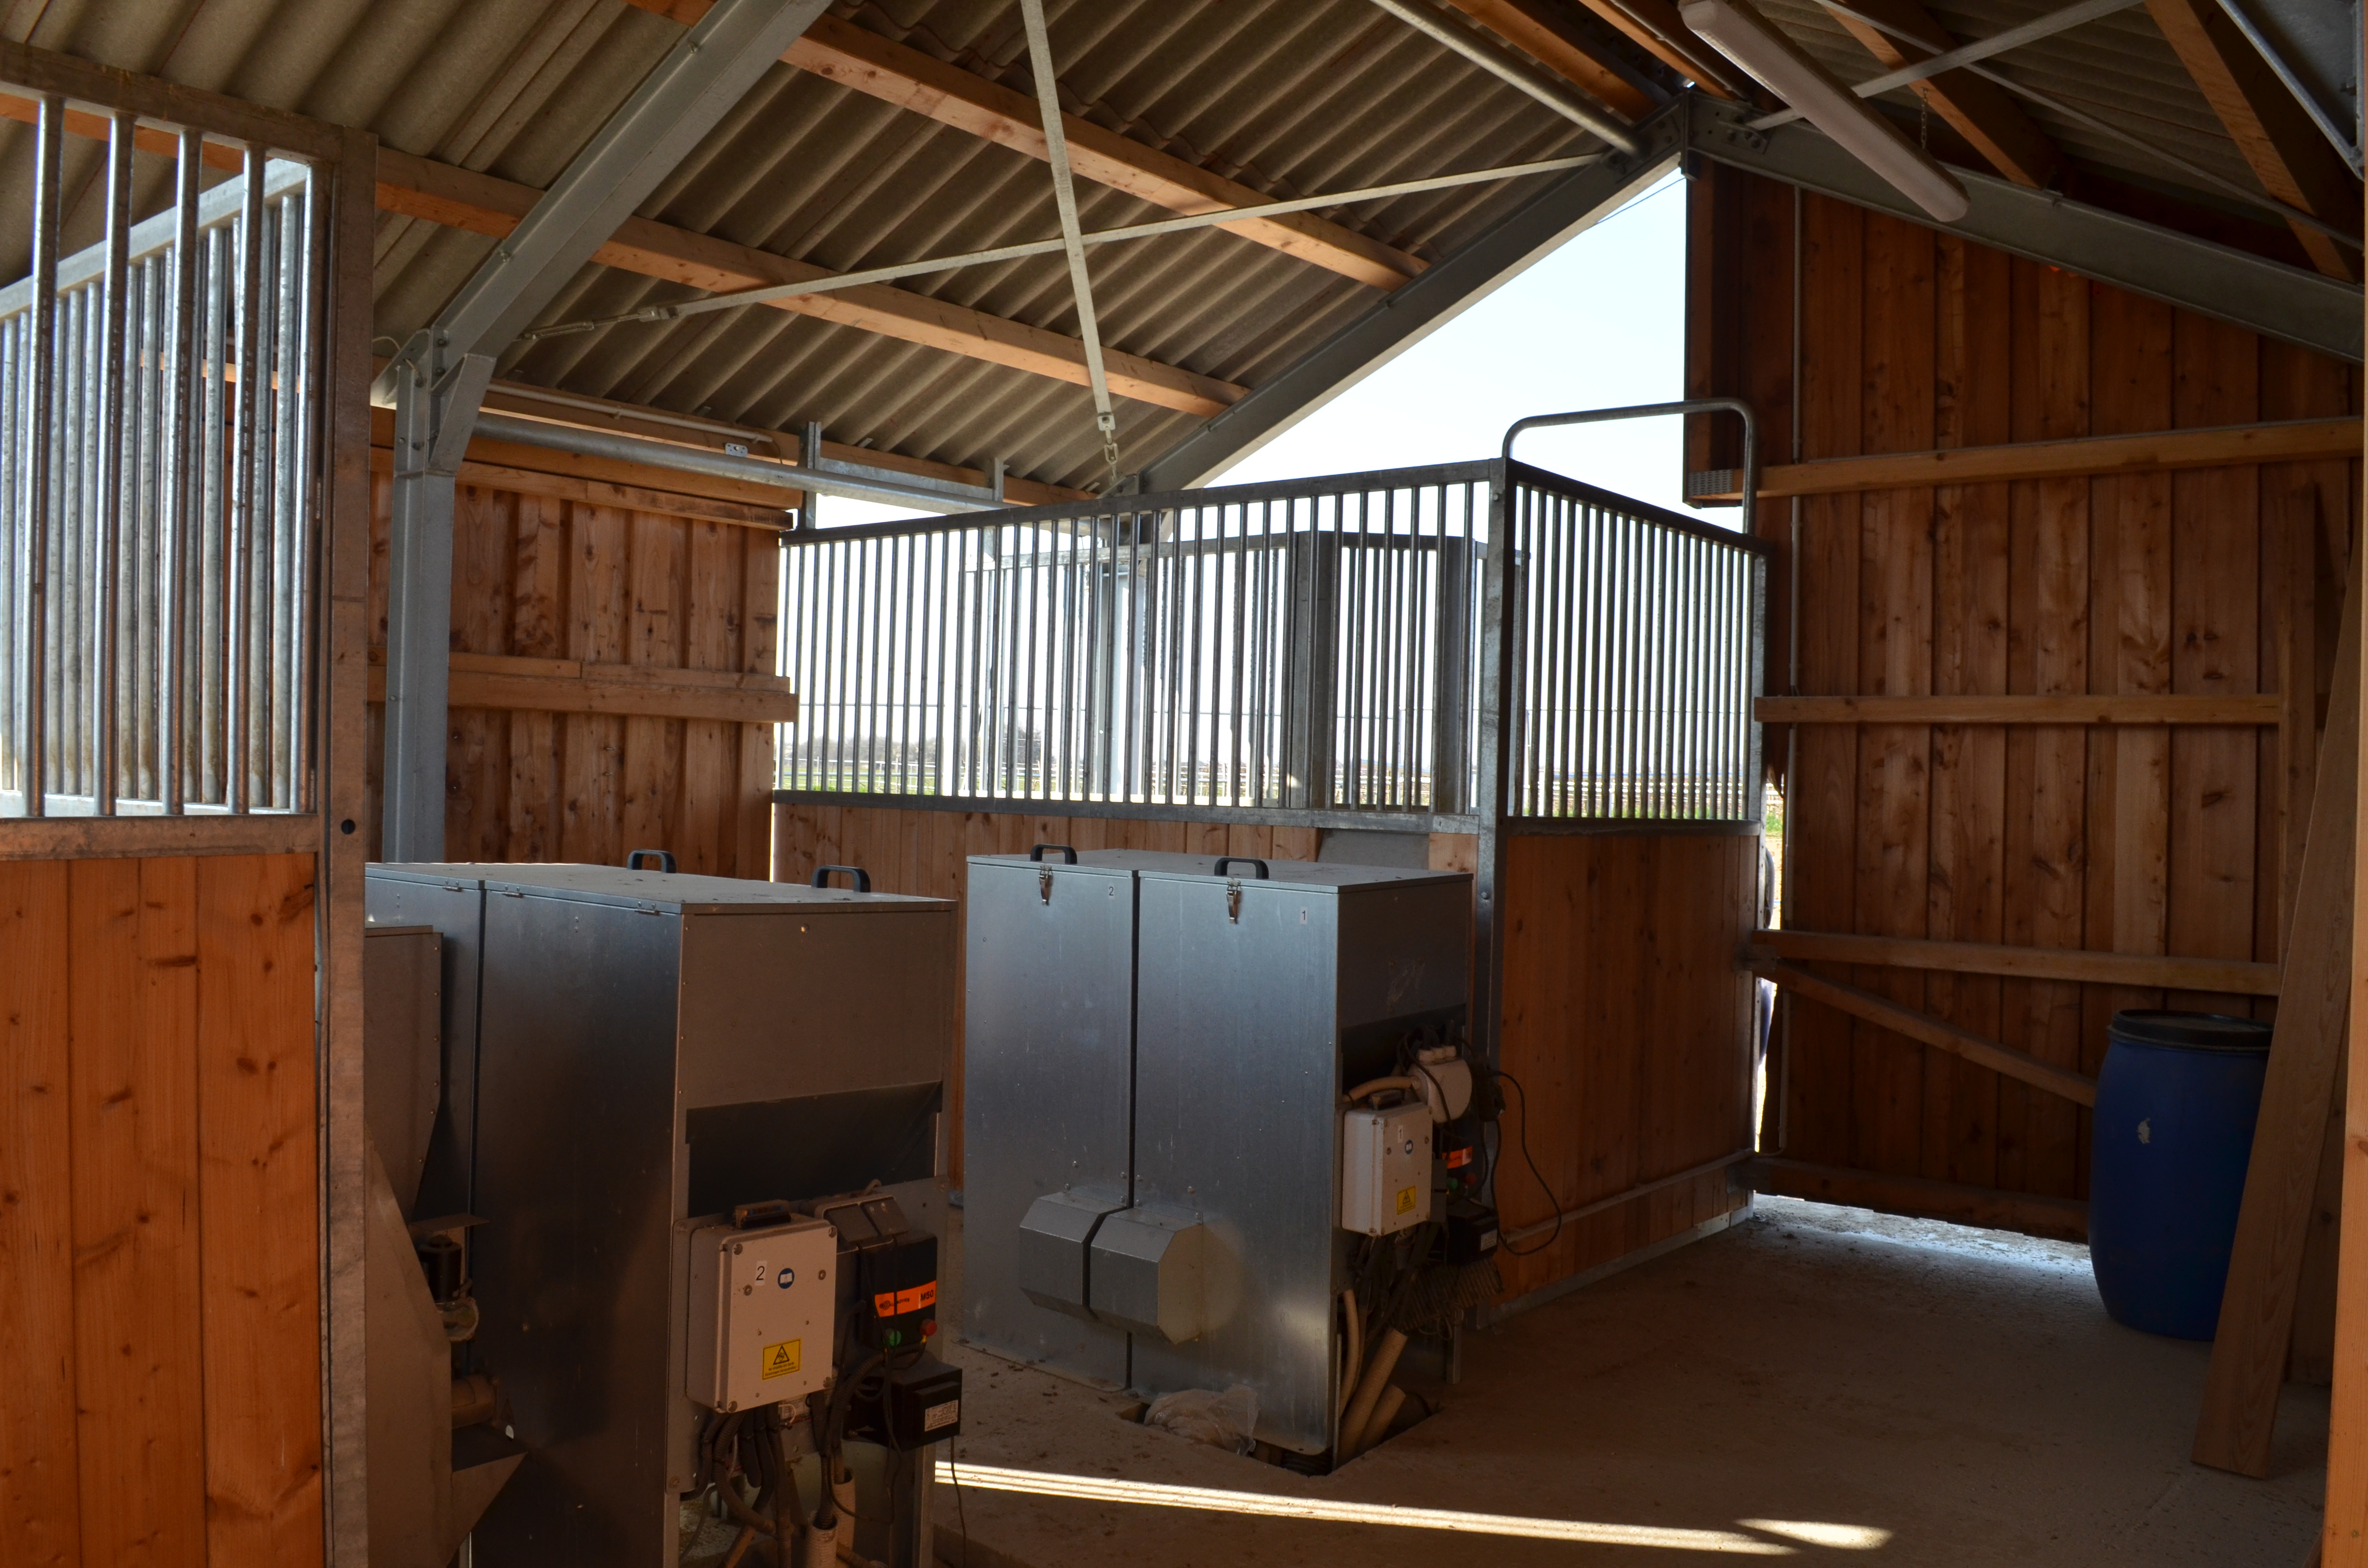 Innenaufbau der Kraftfutterstation